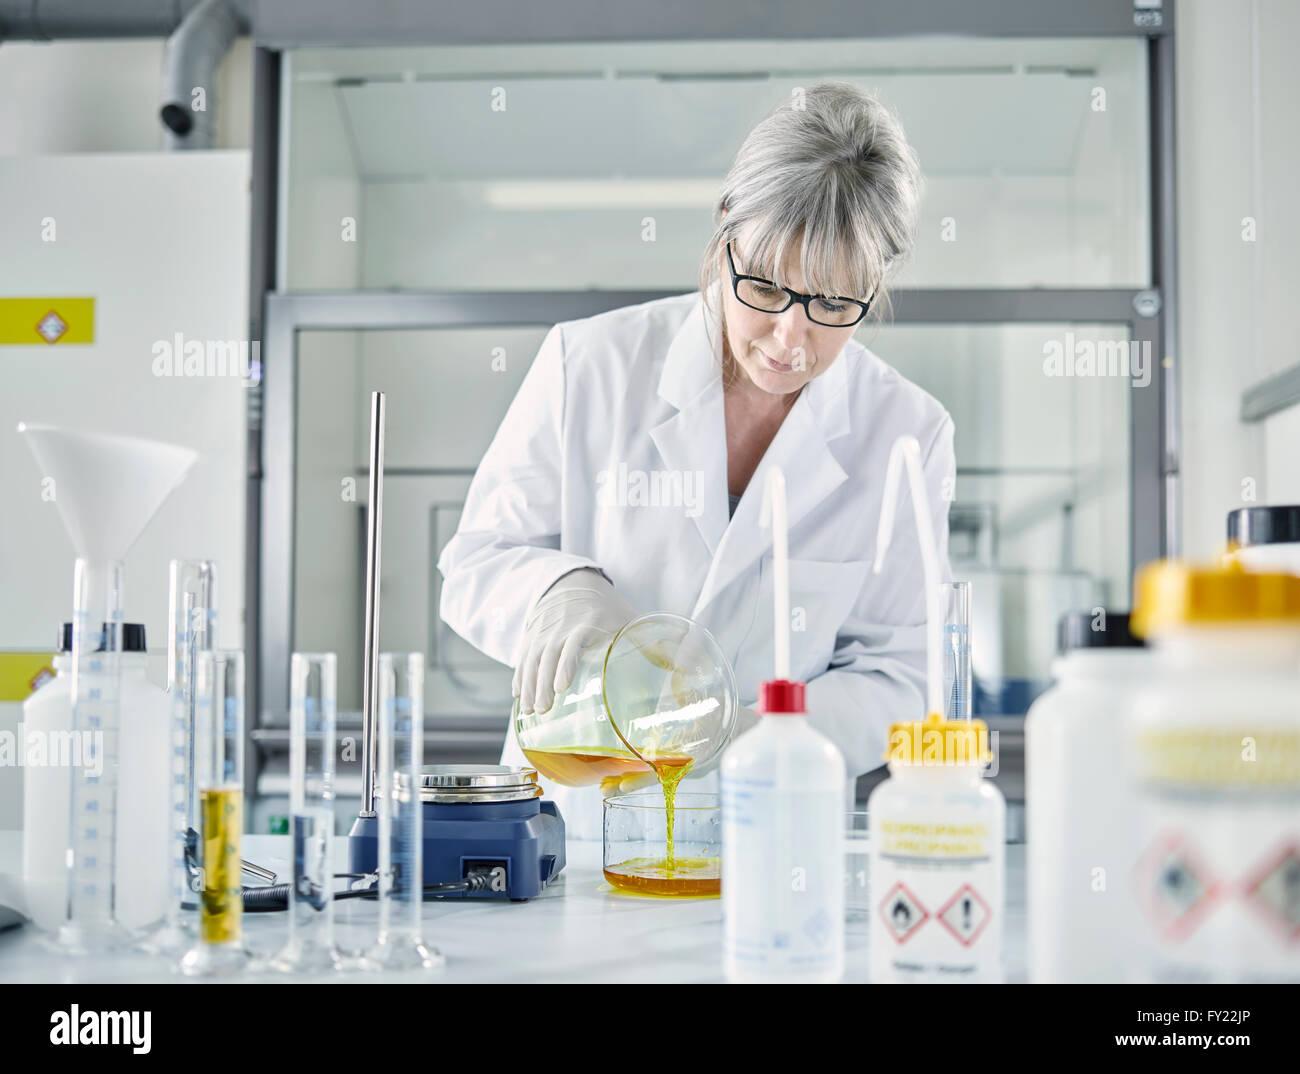 Weibliche analytischer Chemiker, graue Haare, 50-55 Jahre, ein chemisches Gemisch aus Wasser und Kaliumferrocyanid Stockfoto